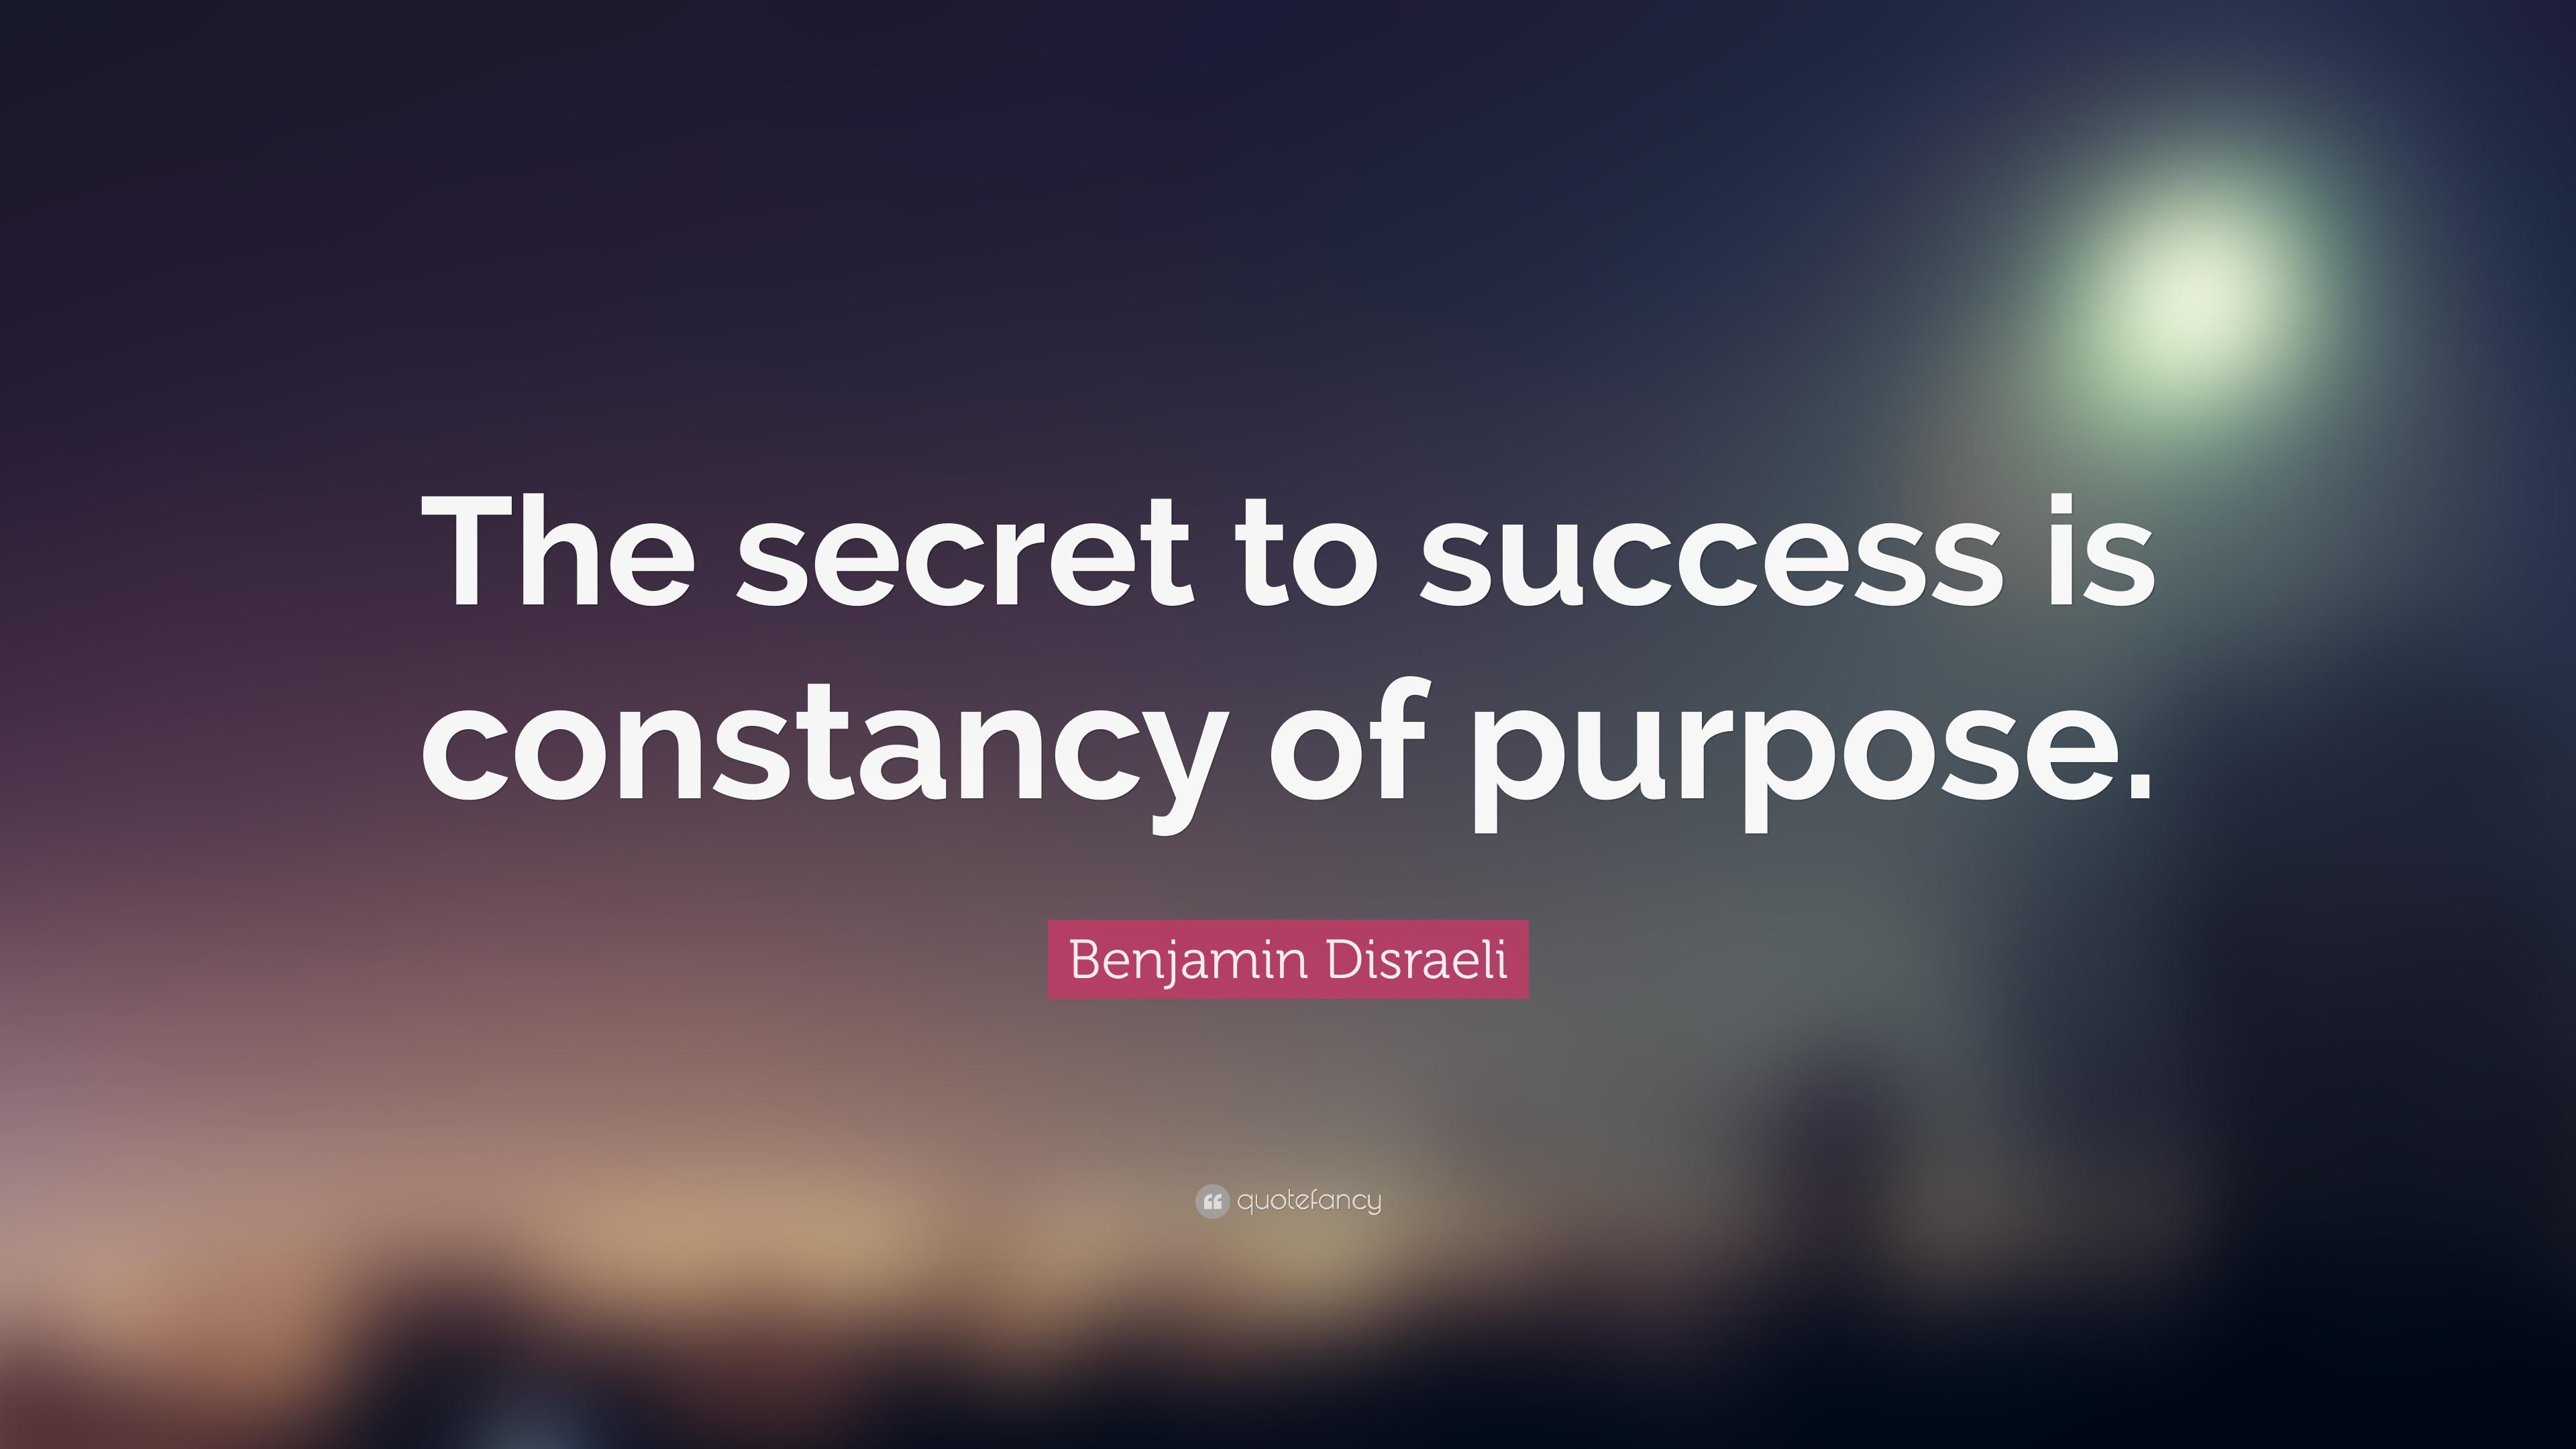 19861-Benjamin-Disraeli-Quote-The-secret-to-success-is-constancy-of